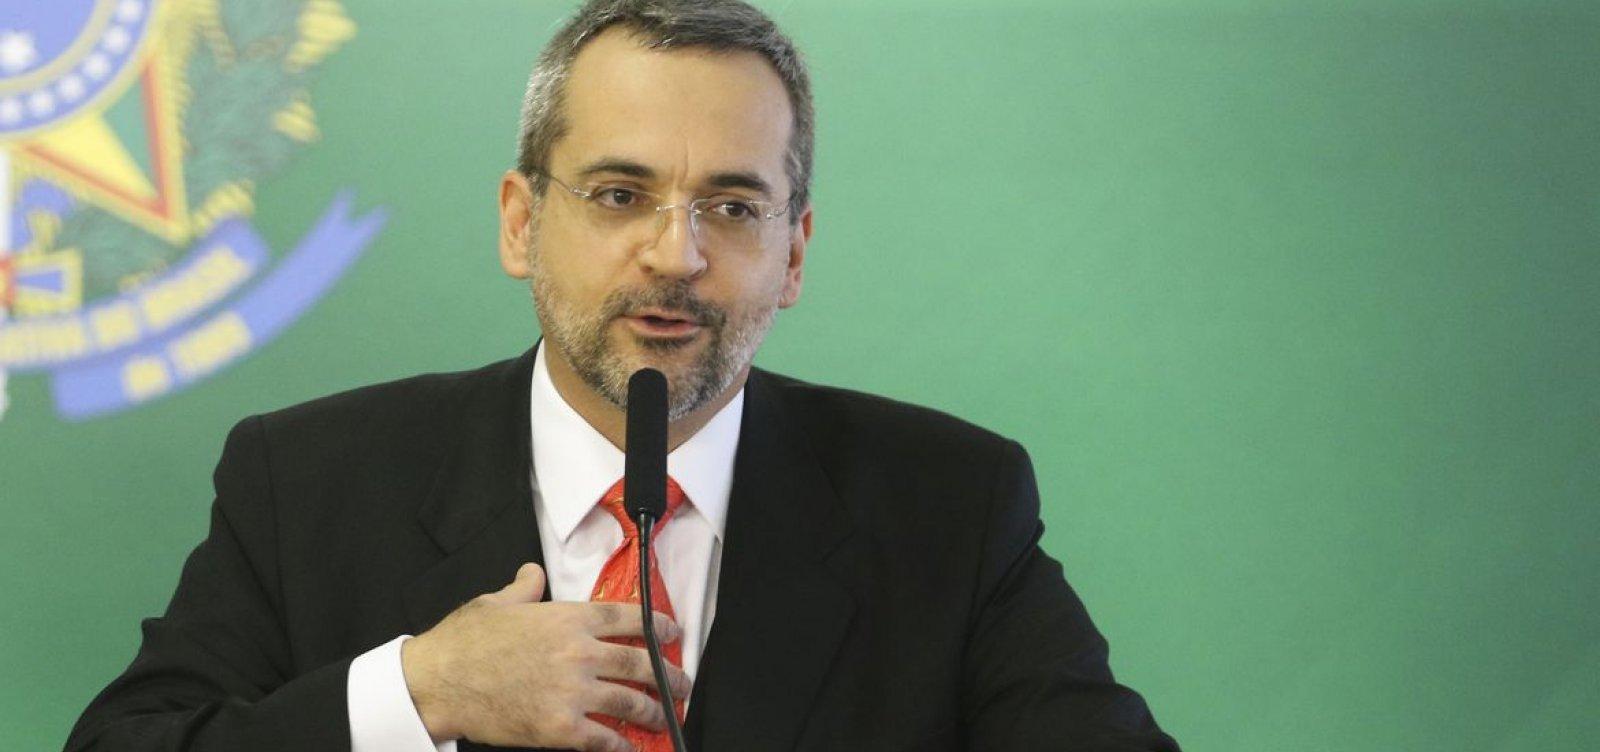 [Ministro da Educação chamou Brasília de 'porcaria': 'É muito pior do que eu podia imaginar']